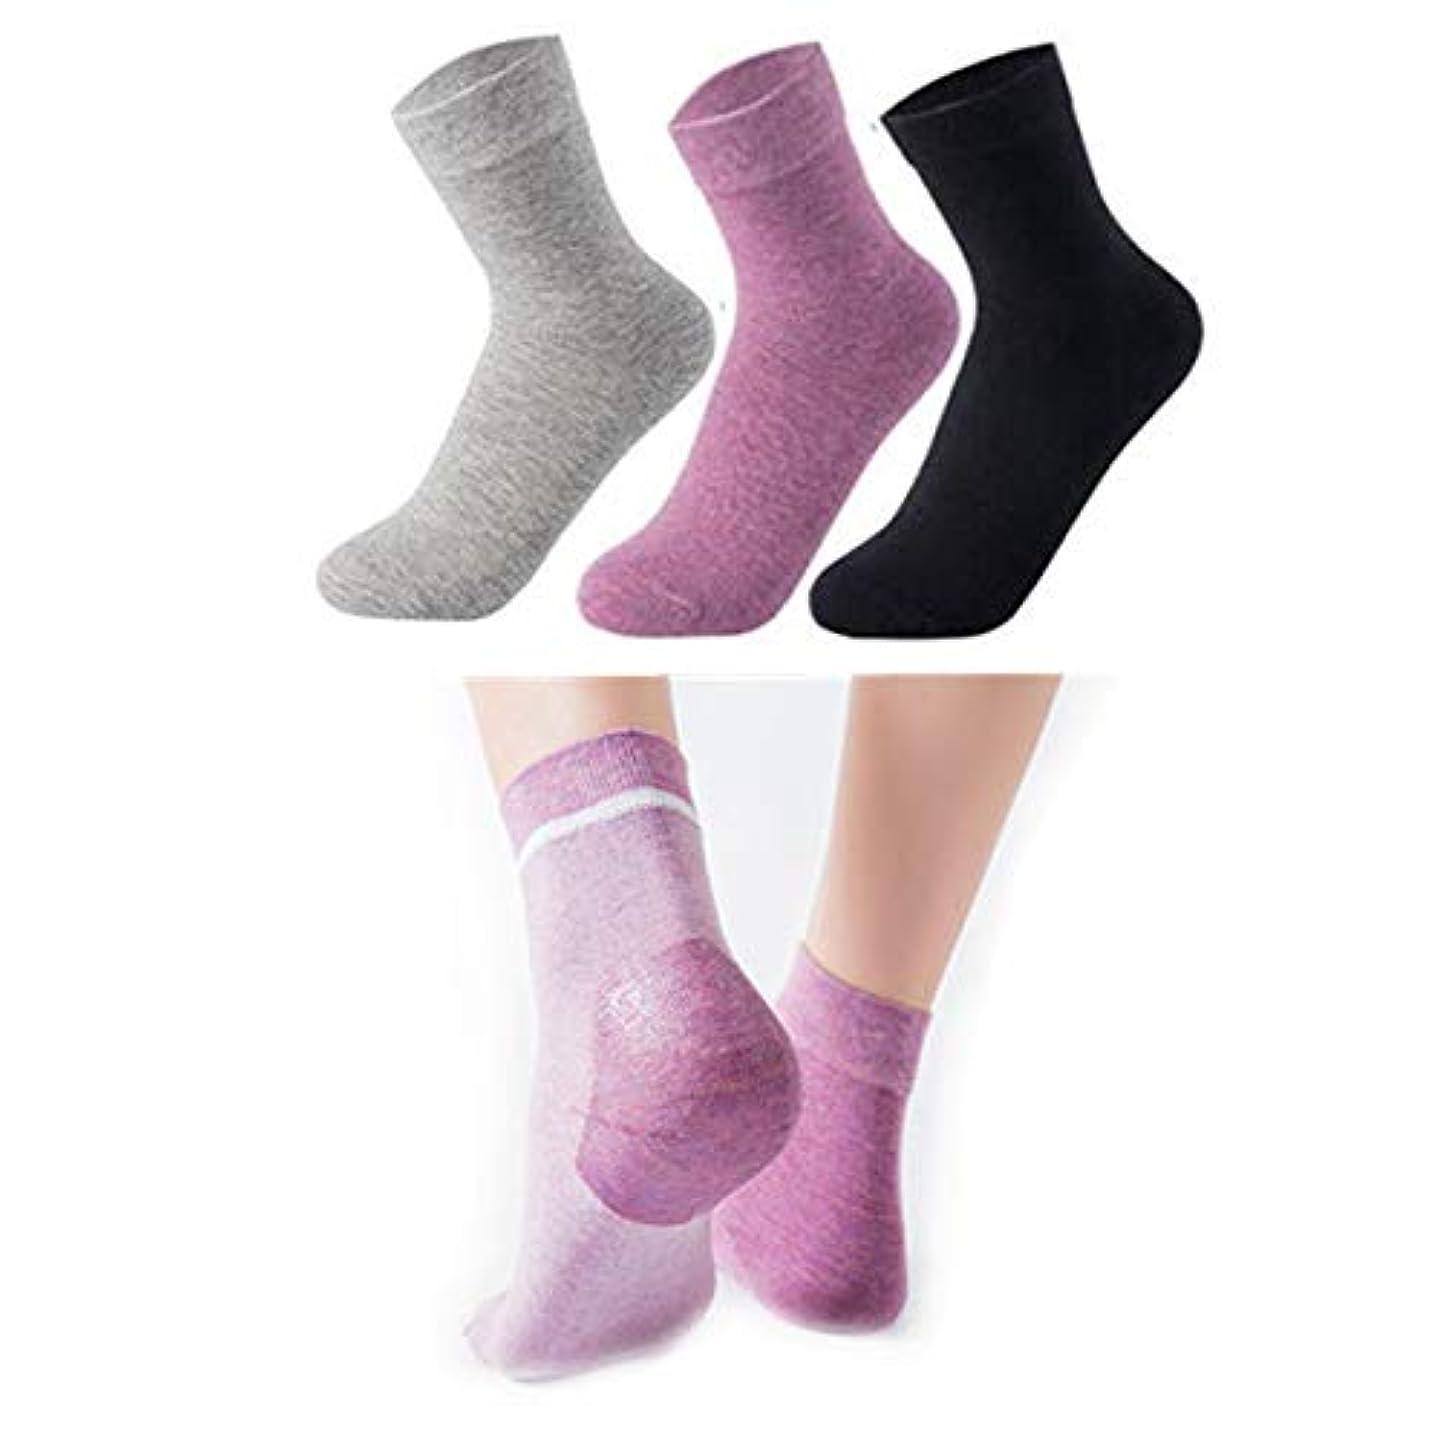 夏墓地寄託Sweetimes かかとケアソックス 保湿効果 靴下 がさがさ つるつる ひび割れ うるおい 3色セット No.149 (女性)